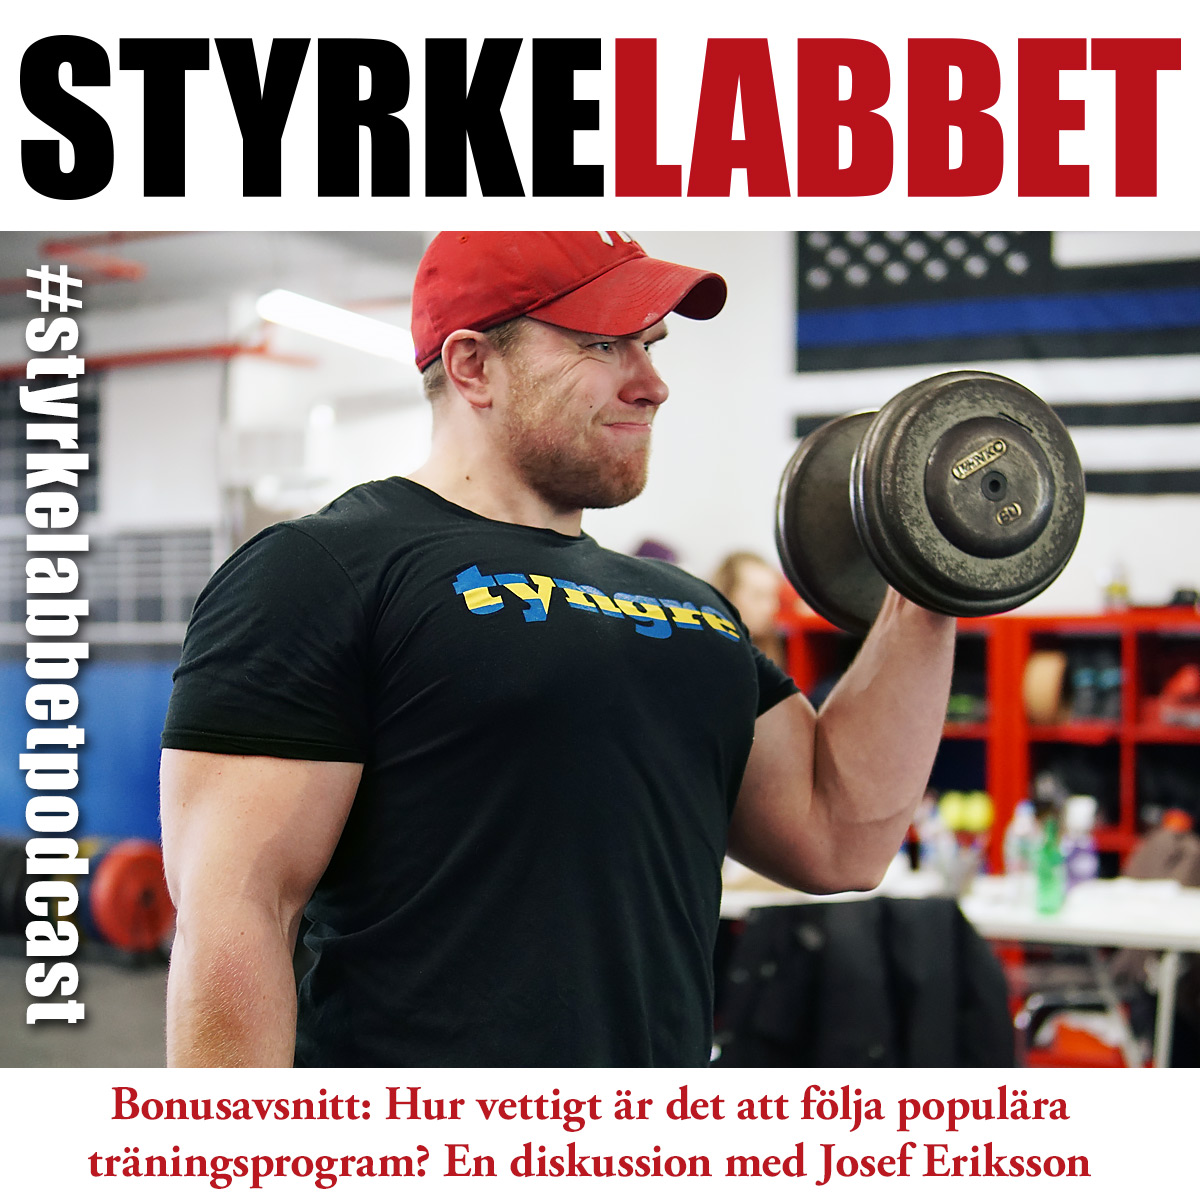 Styrkelabbet bonusavsnitt: Hur vettigt är det att följa populära träningsprogram? En diskussion med Josef Eriksson